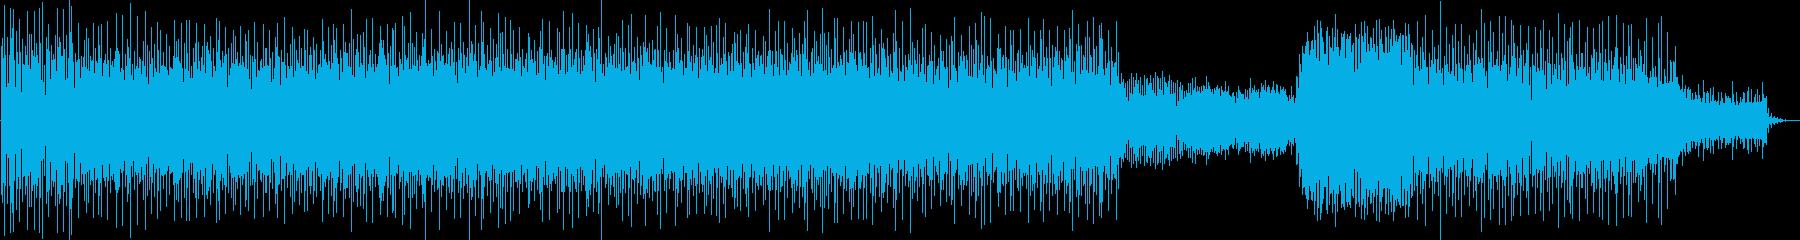 サスペンスタッチのミニマルテクノの再生済みの波形